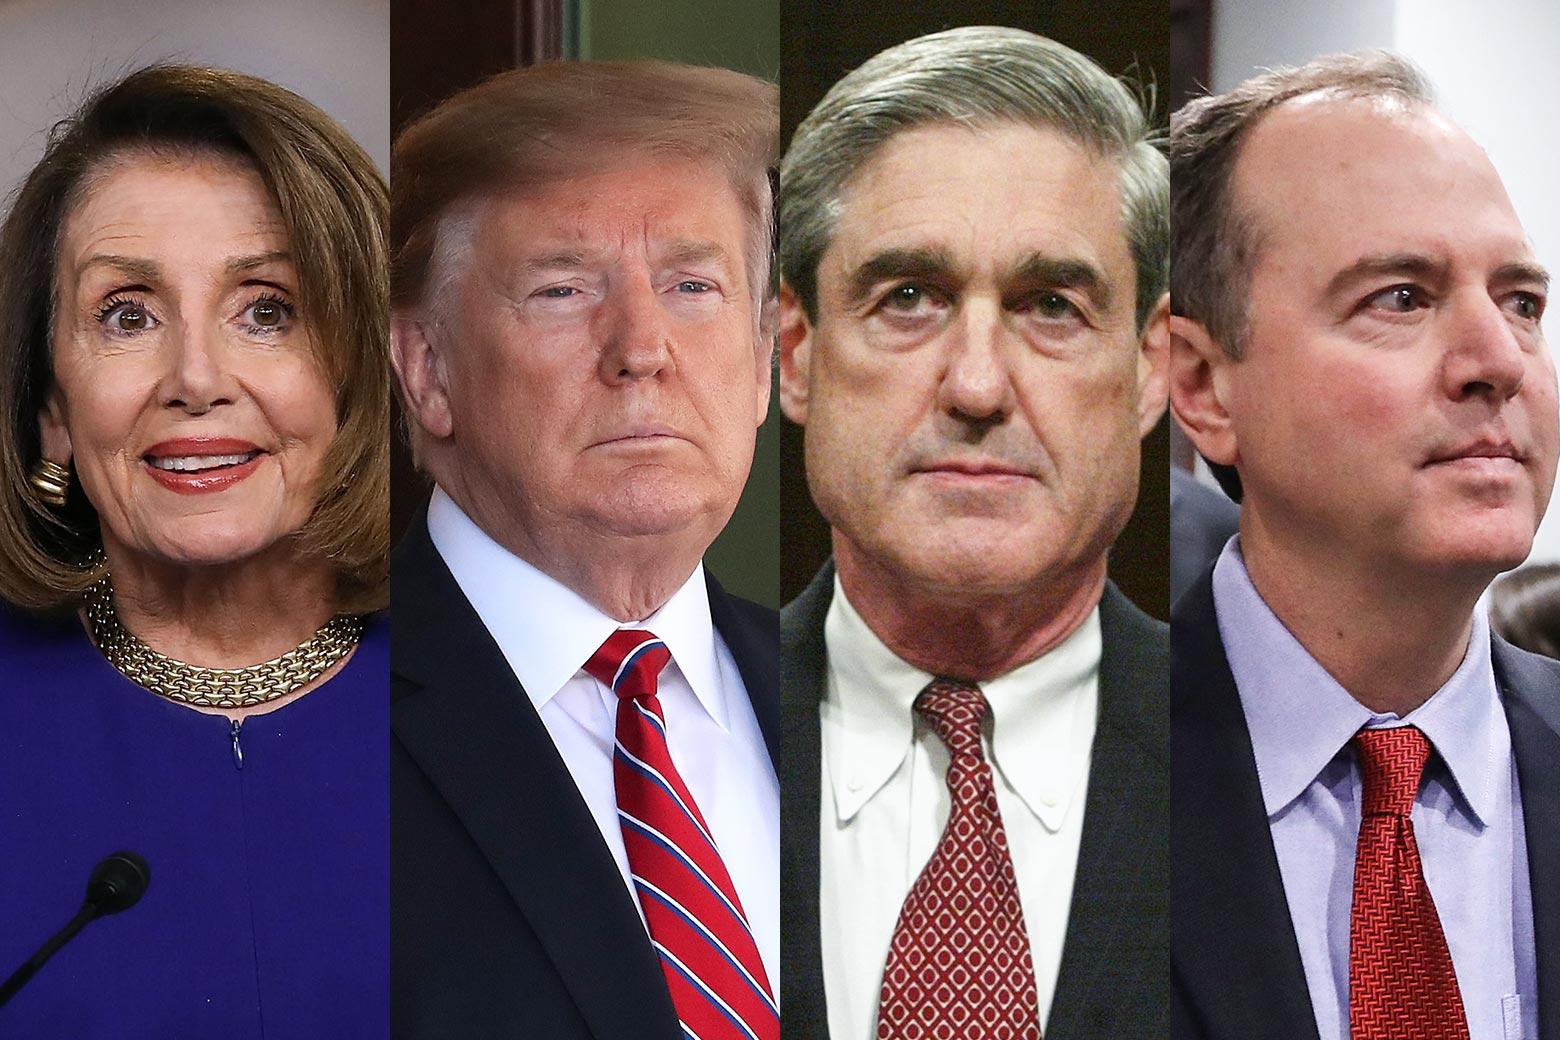 Nancy Pelosi, Donald Trump, Bob Mueller, Adam Schiff